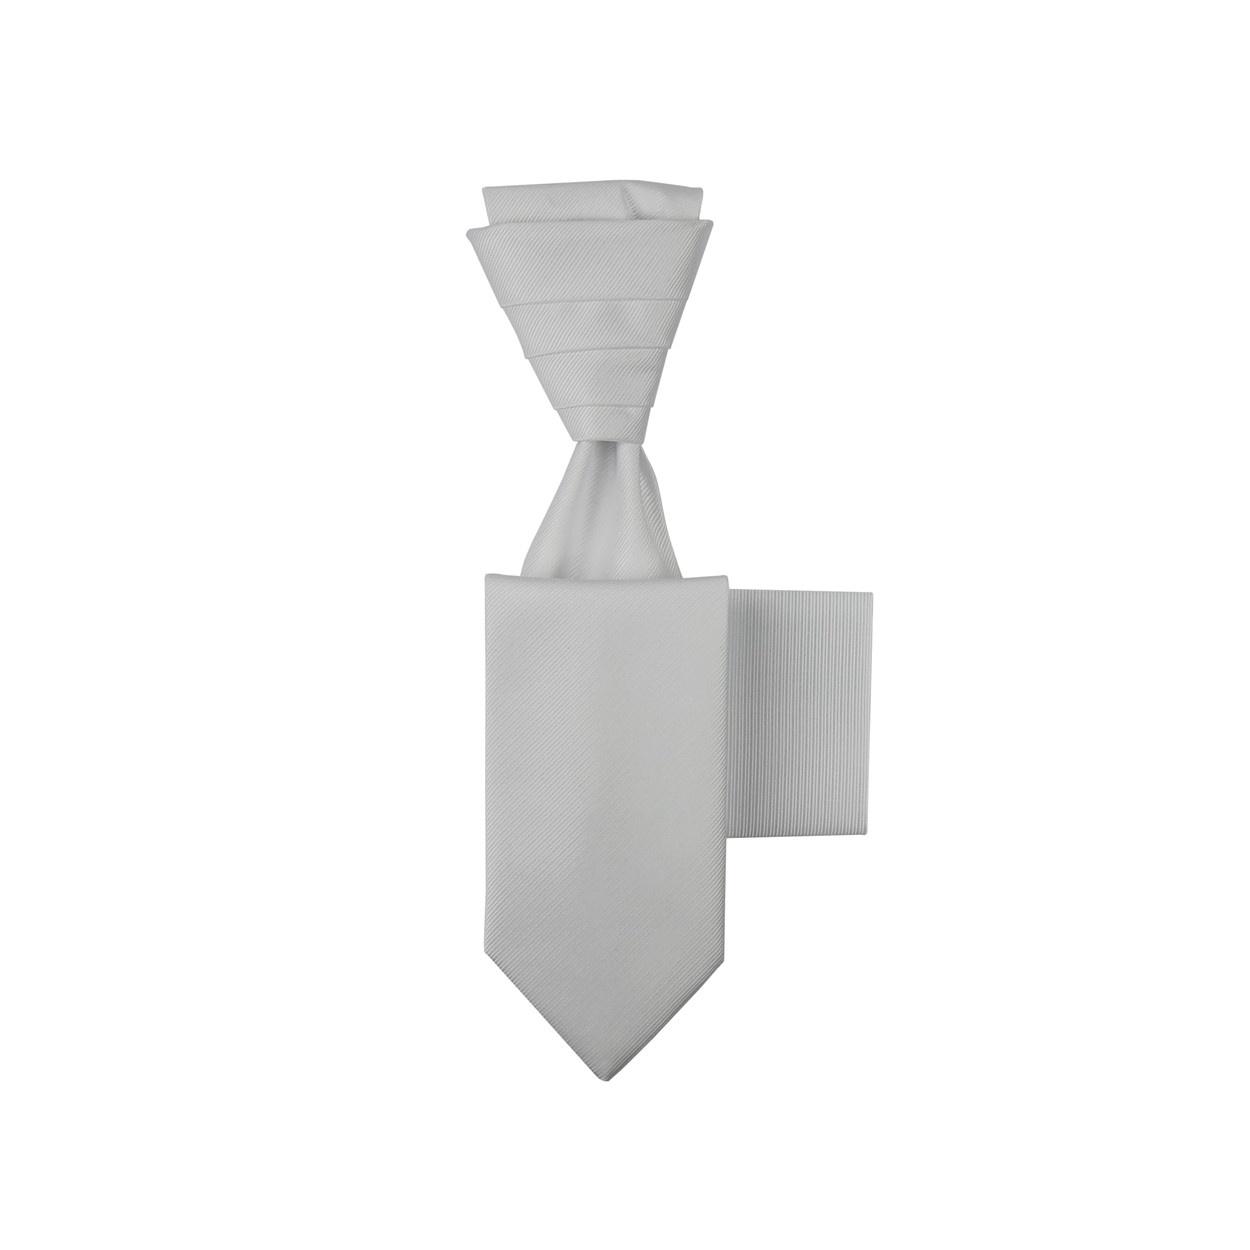 Bílá svatební kravata s kapesníčkem - Regata